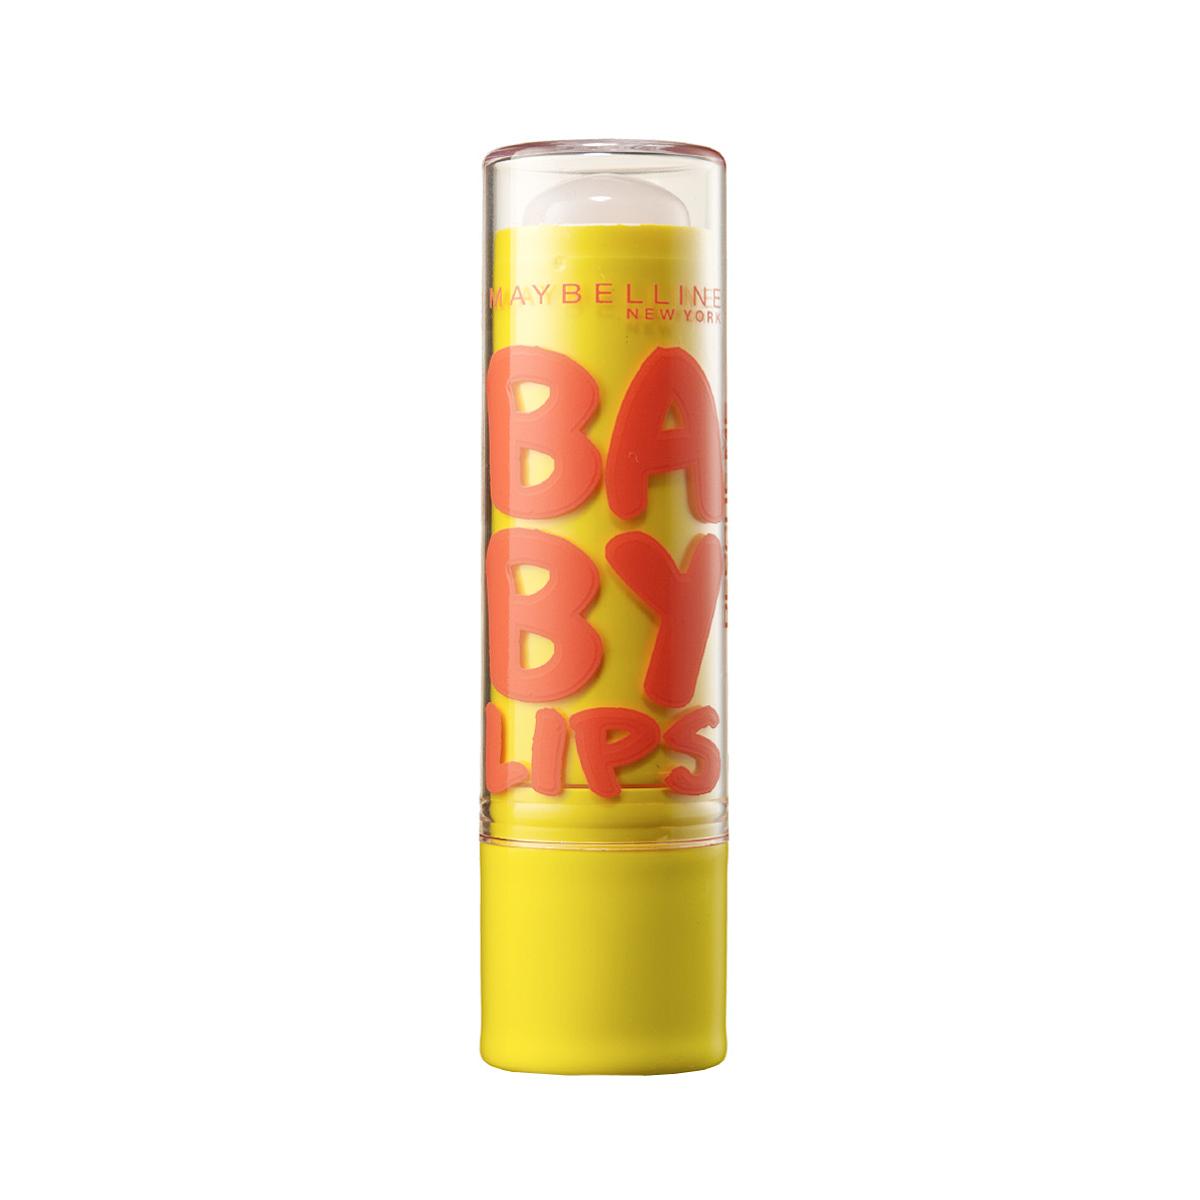 Maybelline New York Бальзам для губ Baby Lips, Бережный уход, для чувствительной кожи губ, восстанавливающий и увлажняющий, бесцветный с запахом, 1,78 мл28032022Бальзам c нежным ароматом вишни и миндаля. Ухаживает за чувствительной кожей губ. Прекрасно увлажняет, не оставляя липкой пленки. Твои губы обретают естественный блеск.